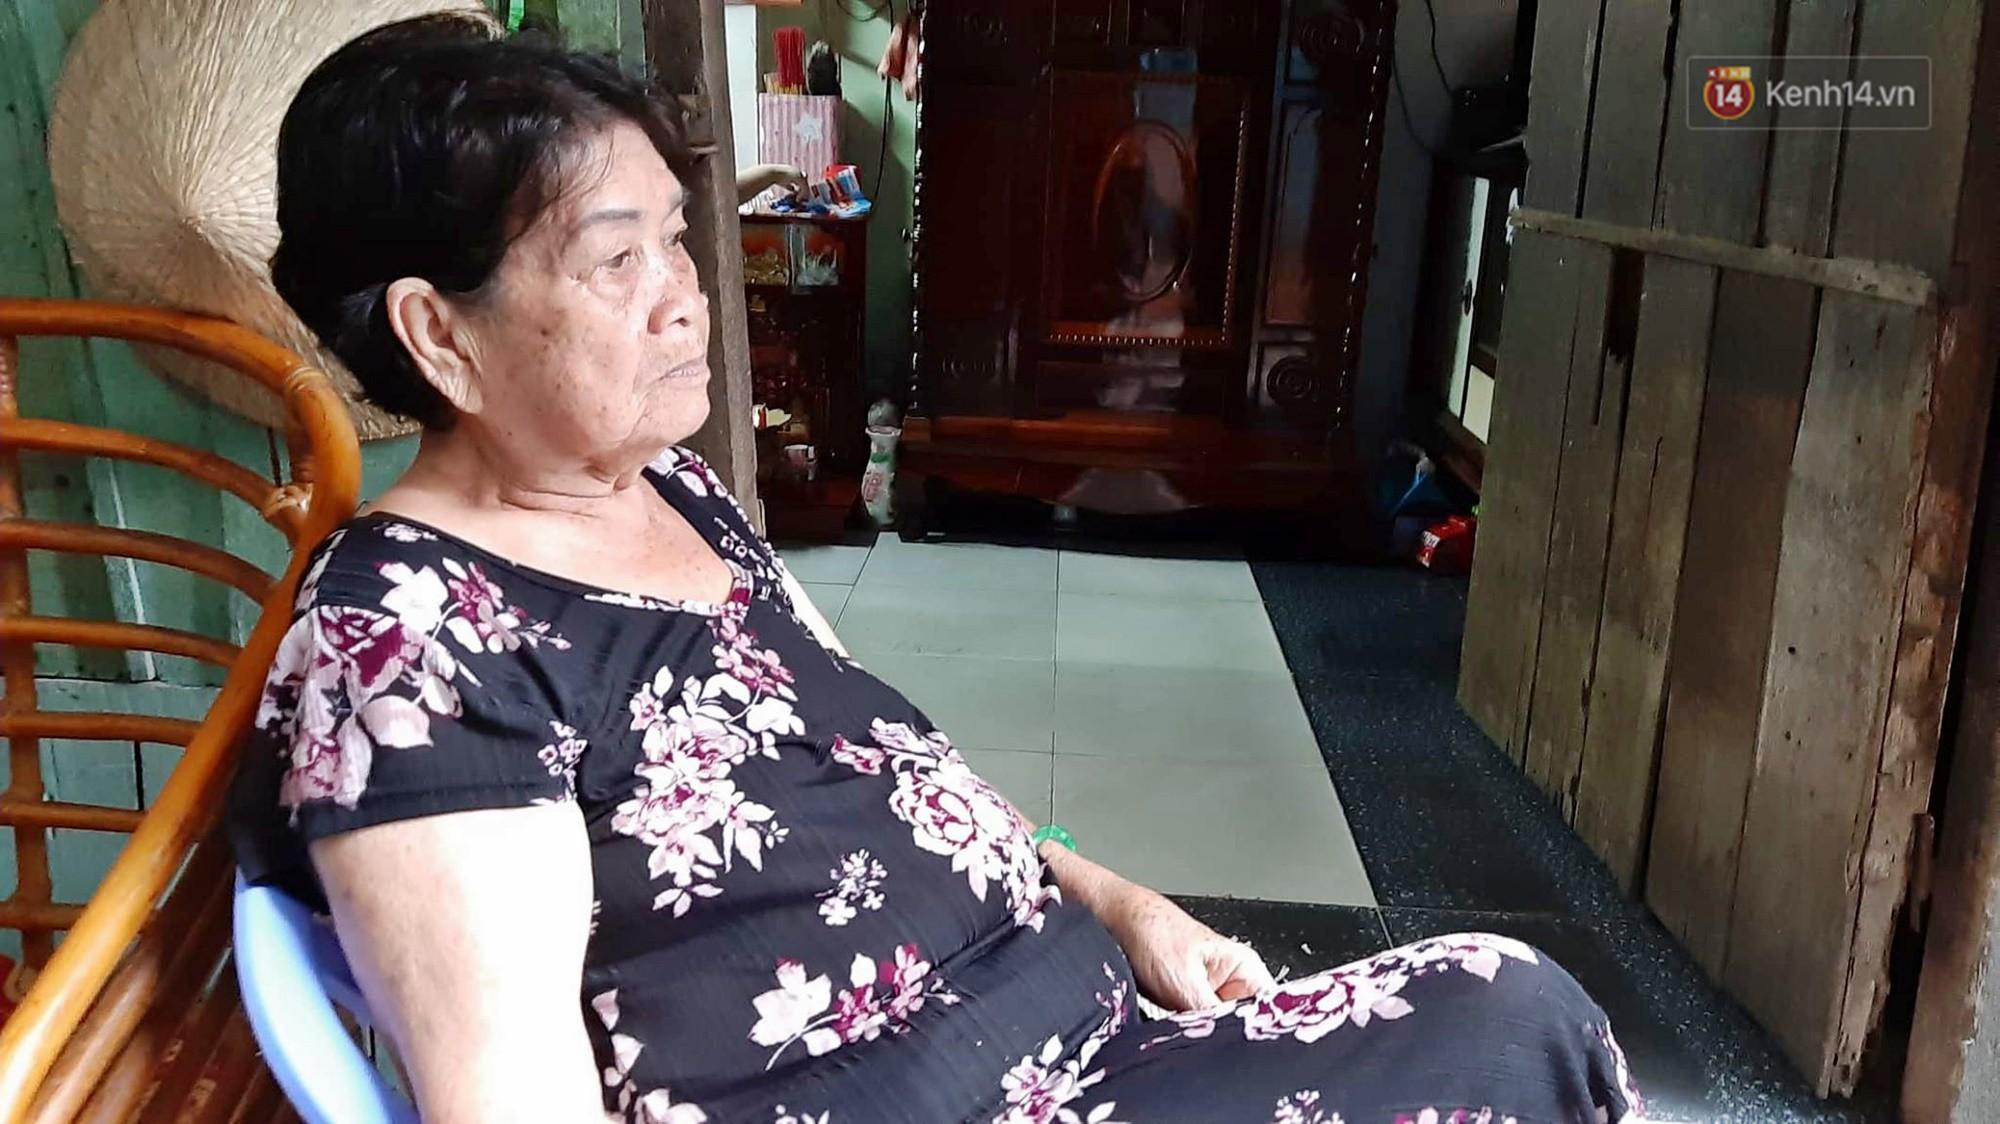 Bạn bè bàng hoàng, khóc thương nữ sinh viên nghi bị bạn trai sát hại trong phòng trọ ở Sài Gòn - Ảnh 2.